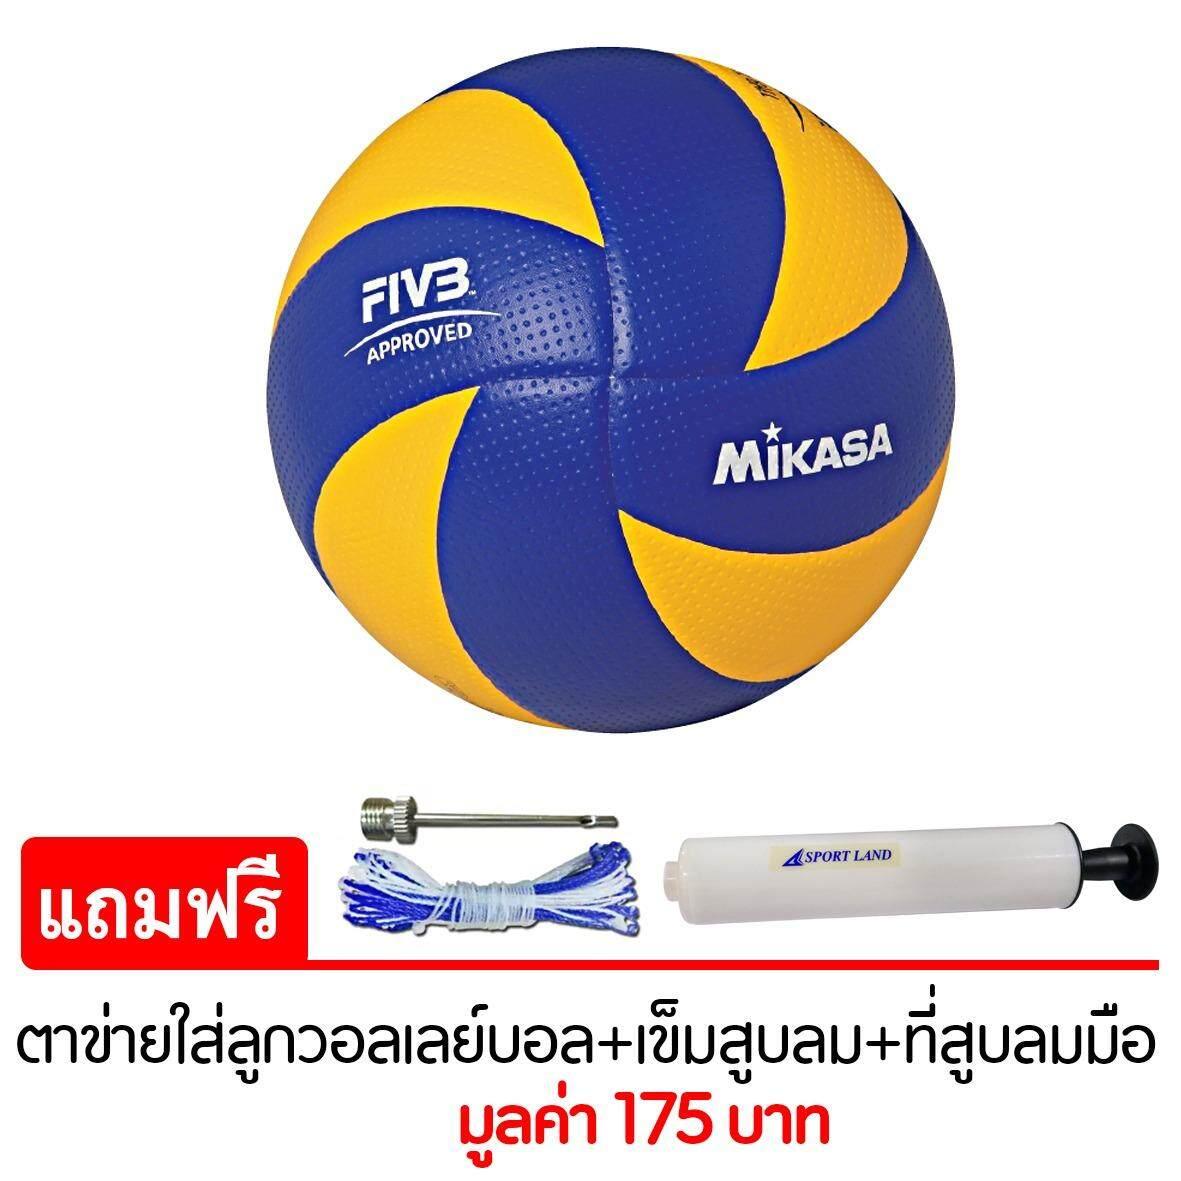 ซื้อ Mikasa วอลเลย์บอล Volleyball Mks Pu Mva200 Fivb ใช้ในการแข่งขัน ซีเกมส์ 2017 แถมฟรี ตาข่ายใส่ลูกวอลเลย์บอล เข็มสูบสูบลม สูบมือ Spl รุ่น Sl6 สีขาว Mikasa ถูก